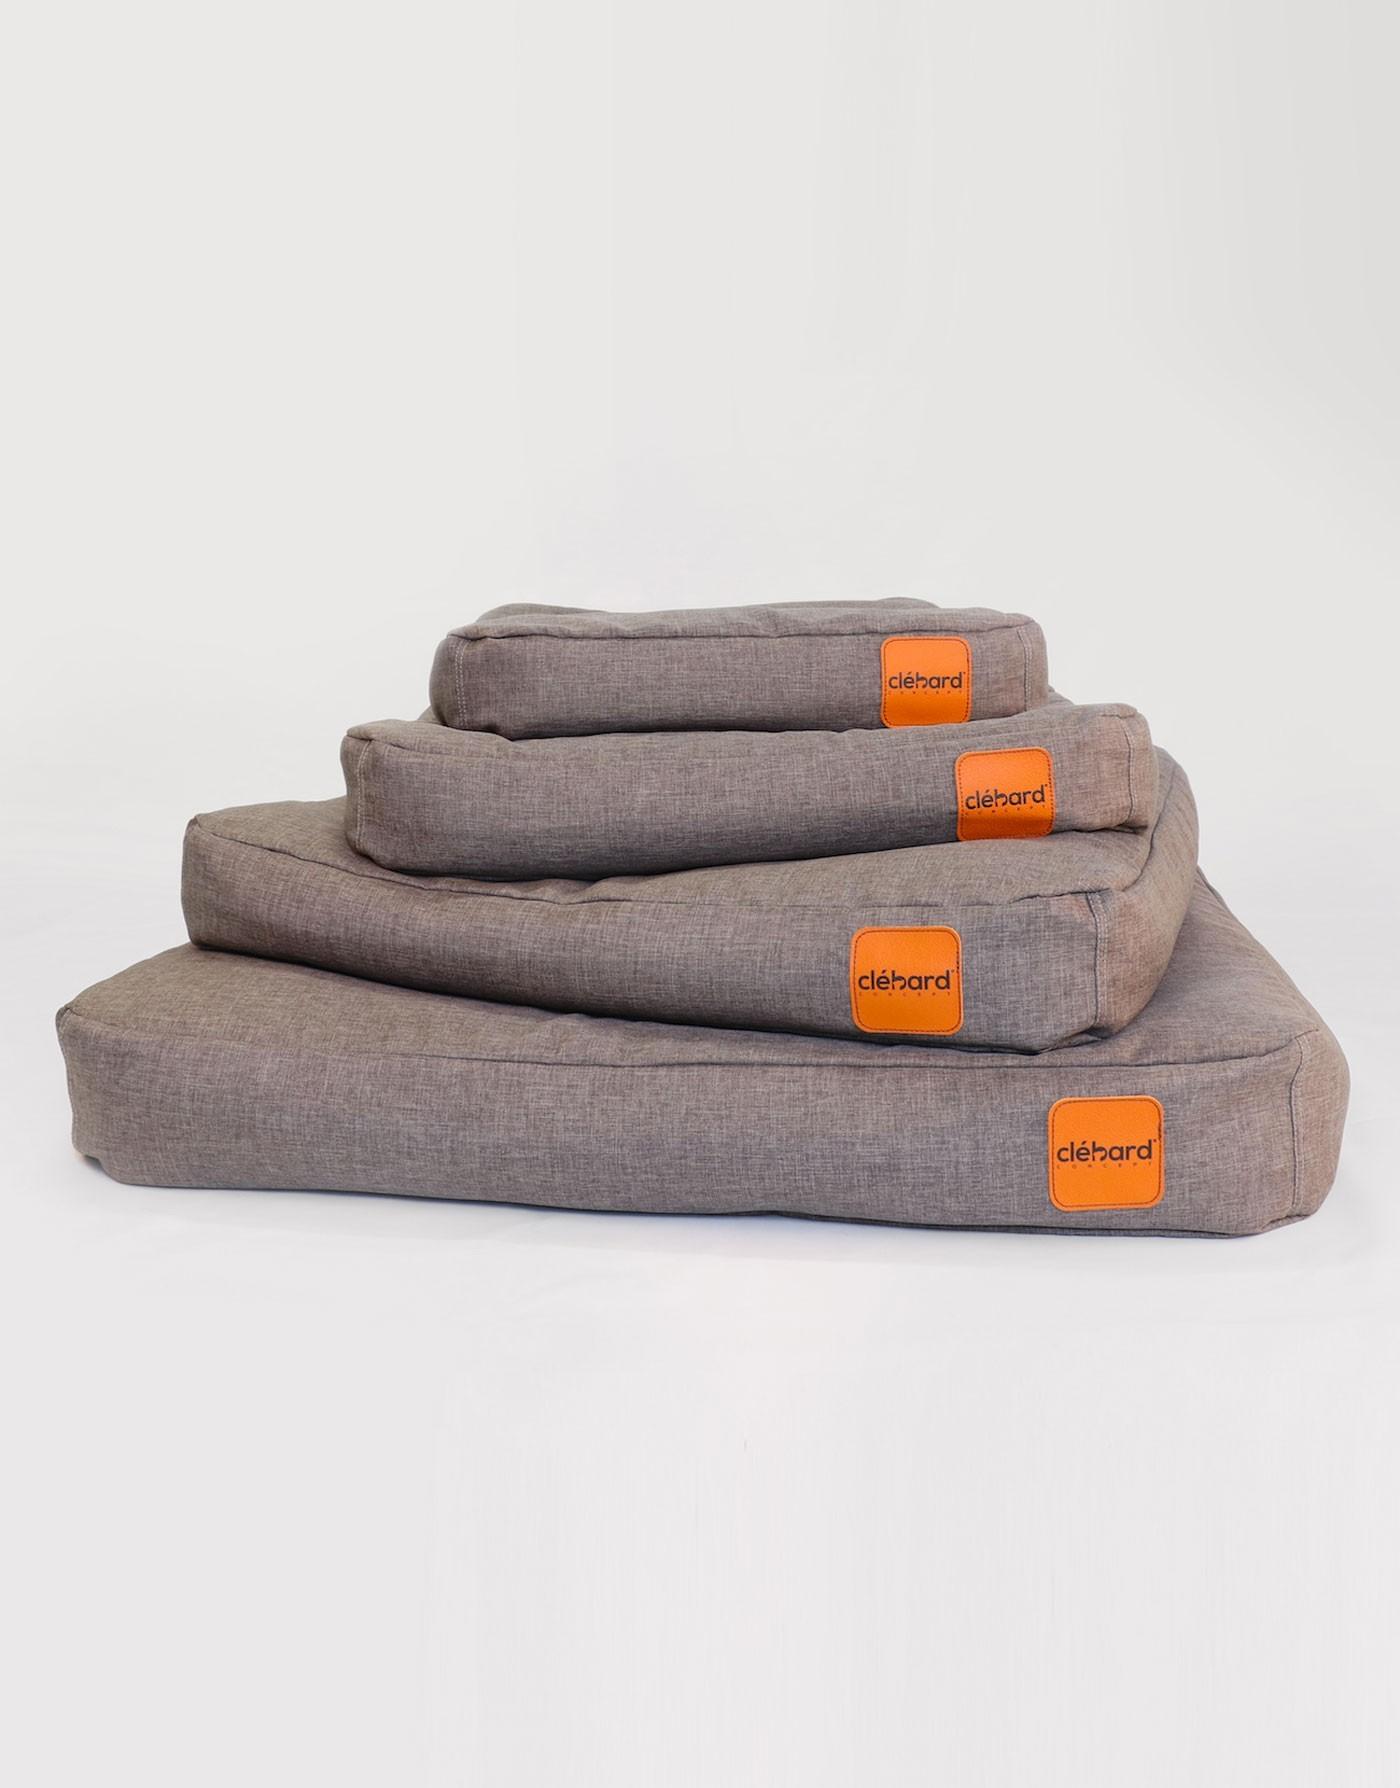 Elegant Dog's Cushion - Linen - Medium Grey